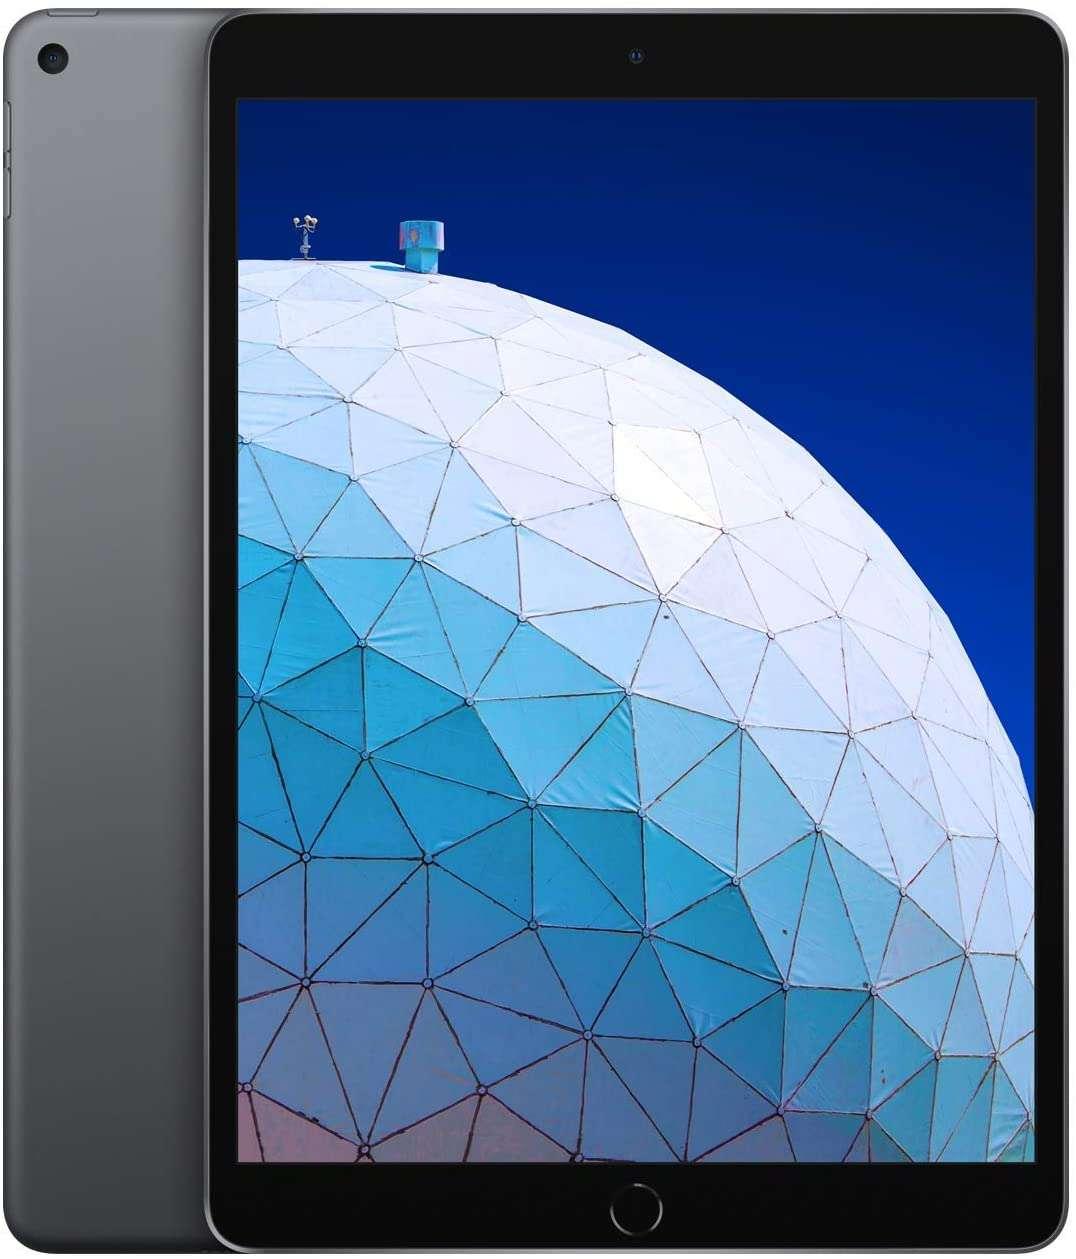 Apple iPad Air 10.5 (2019) Wi-Fi  256GB Space Gray